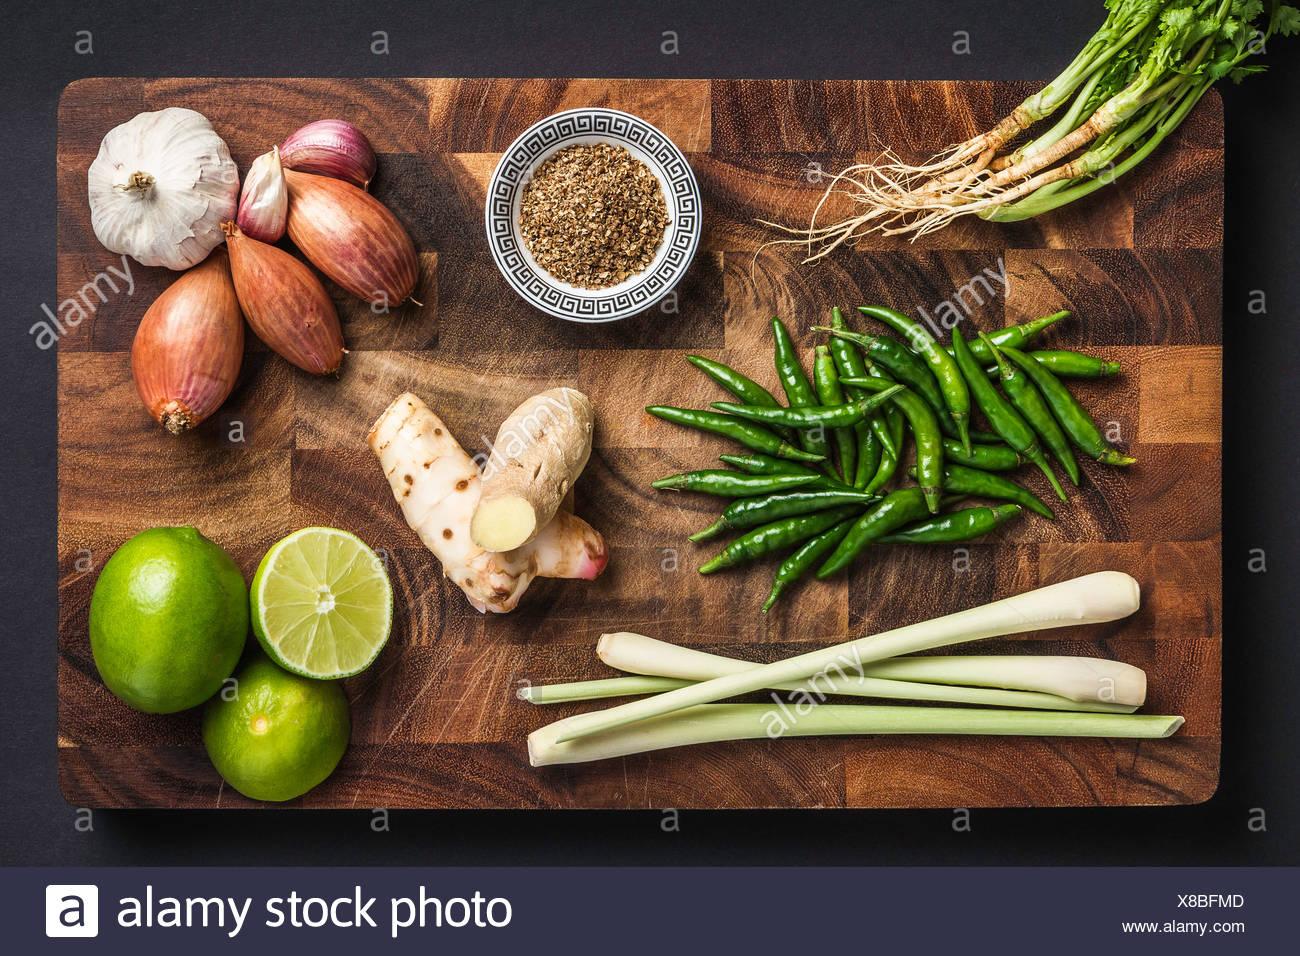 Ingrédients pour faire la pâte de cari vert Photo Stock